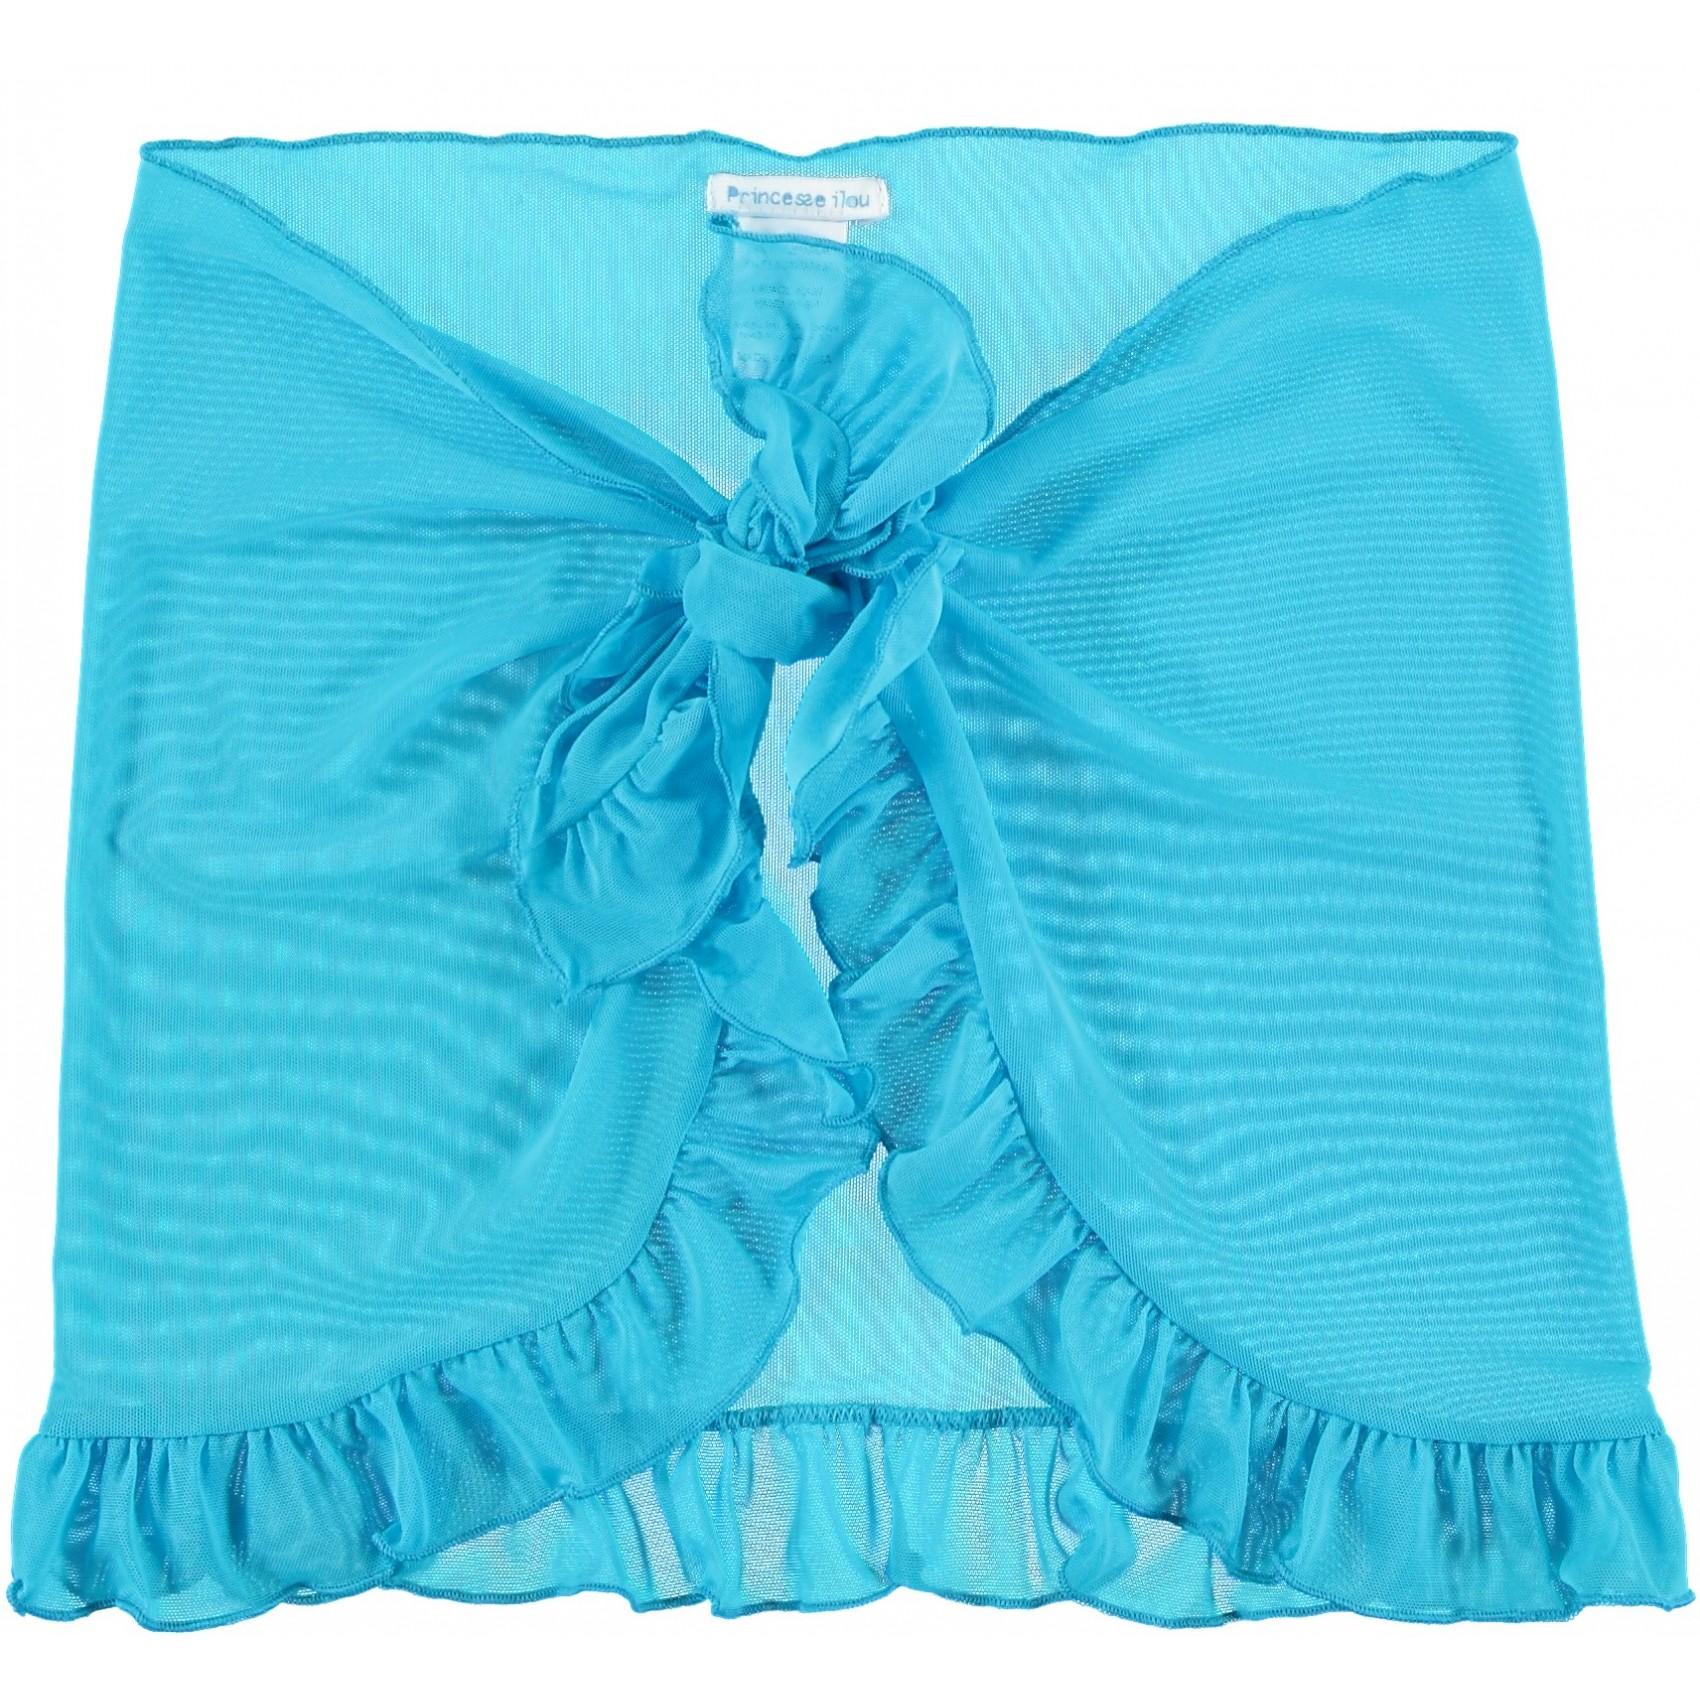 023716e365 Blue short Mesh Cover-Up Swimsuit Fluo Princesse Ilou